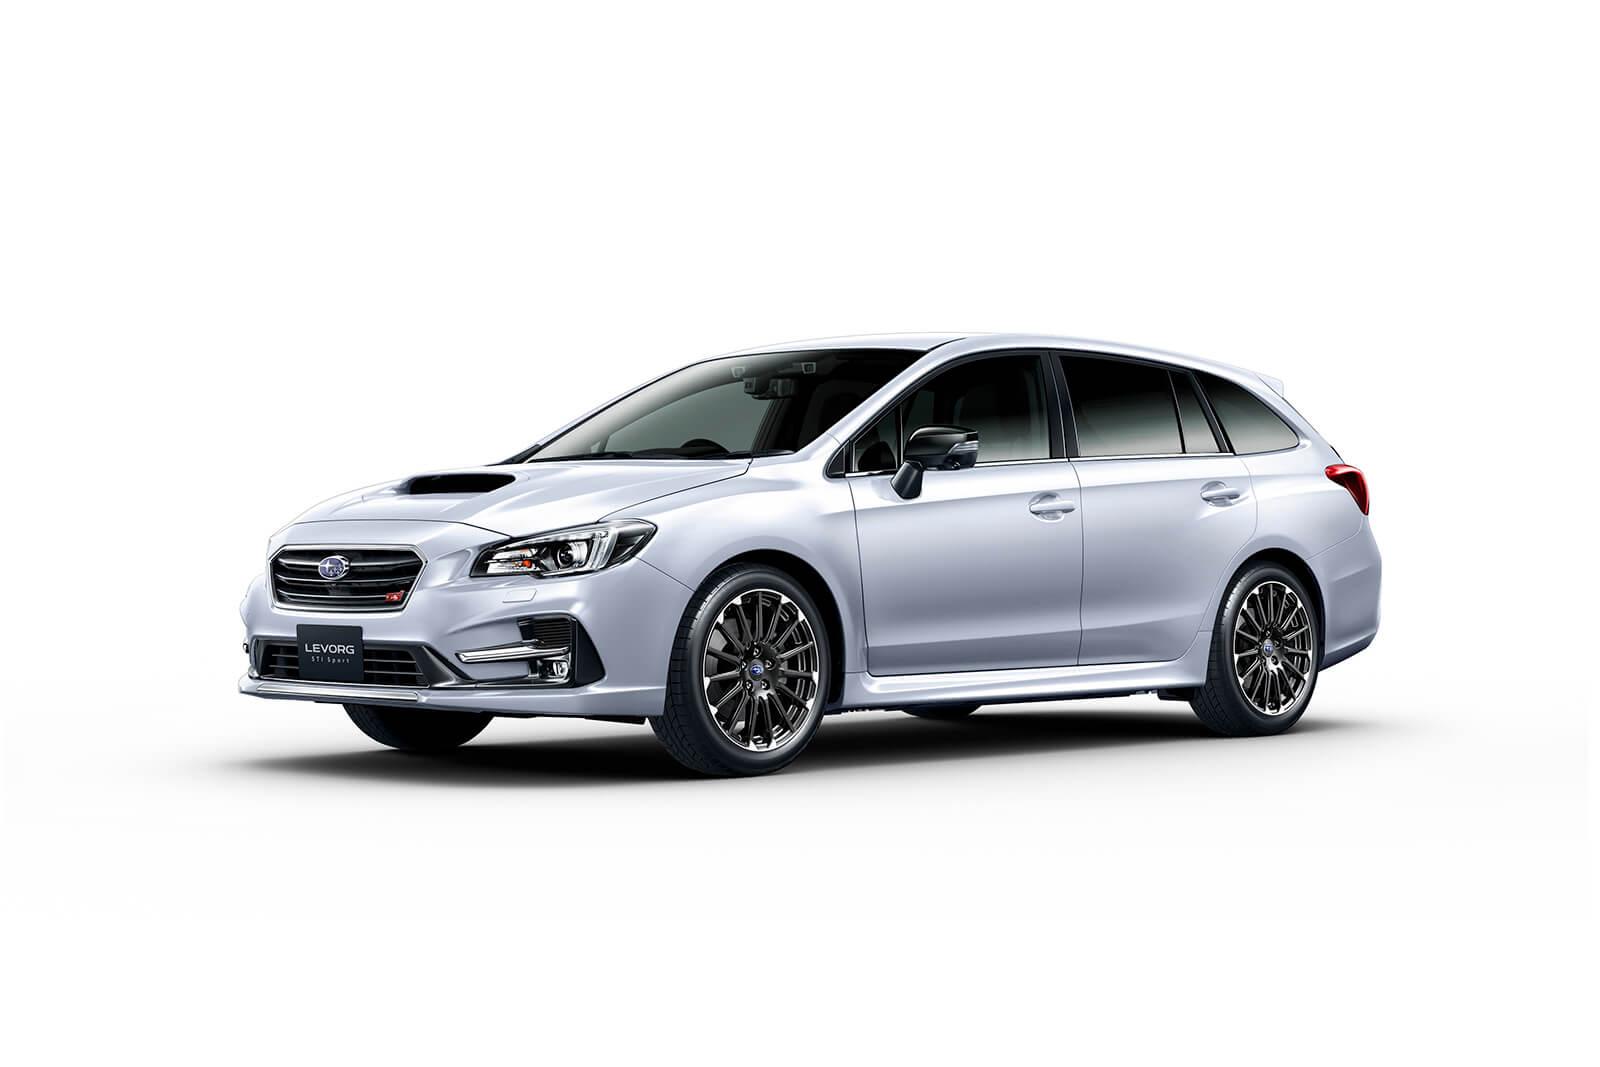 中古車人気ランキング 2019 スバル レヴォーグ